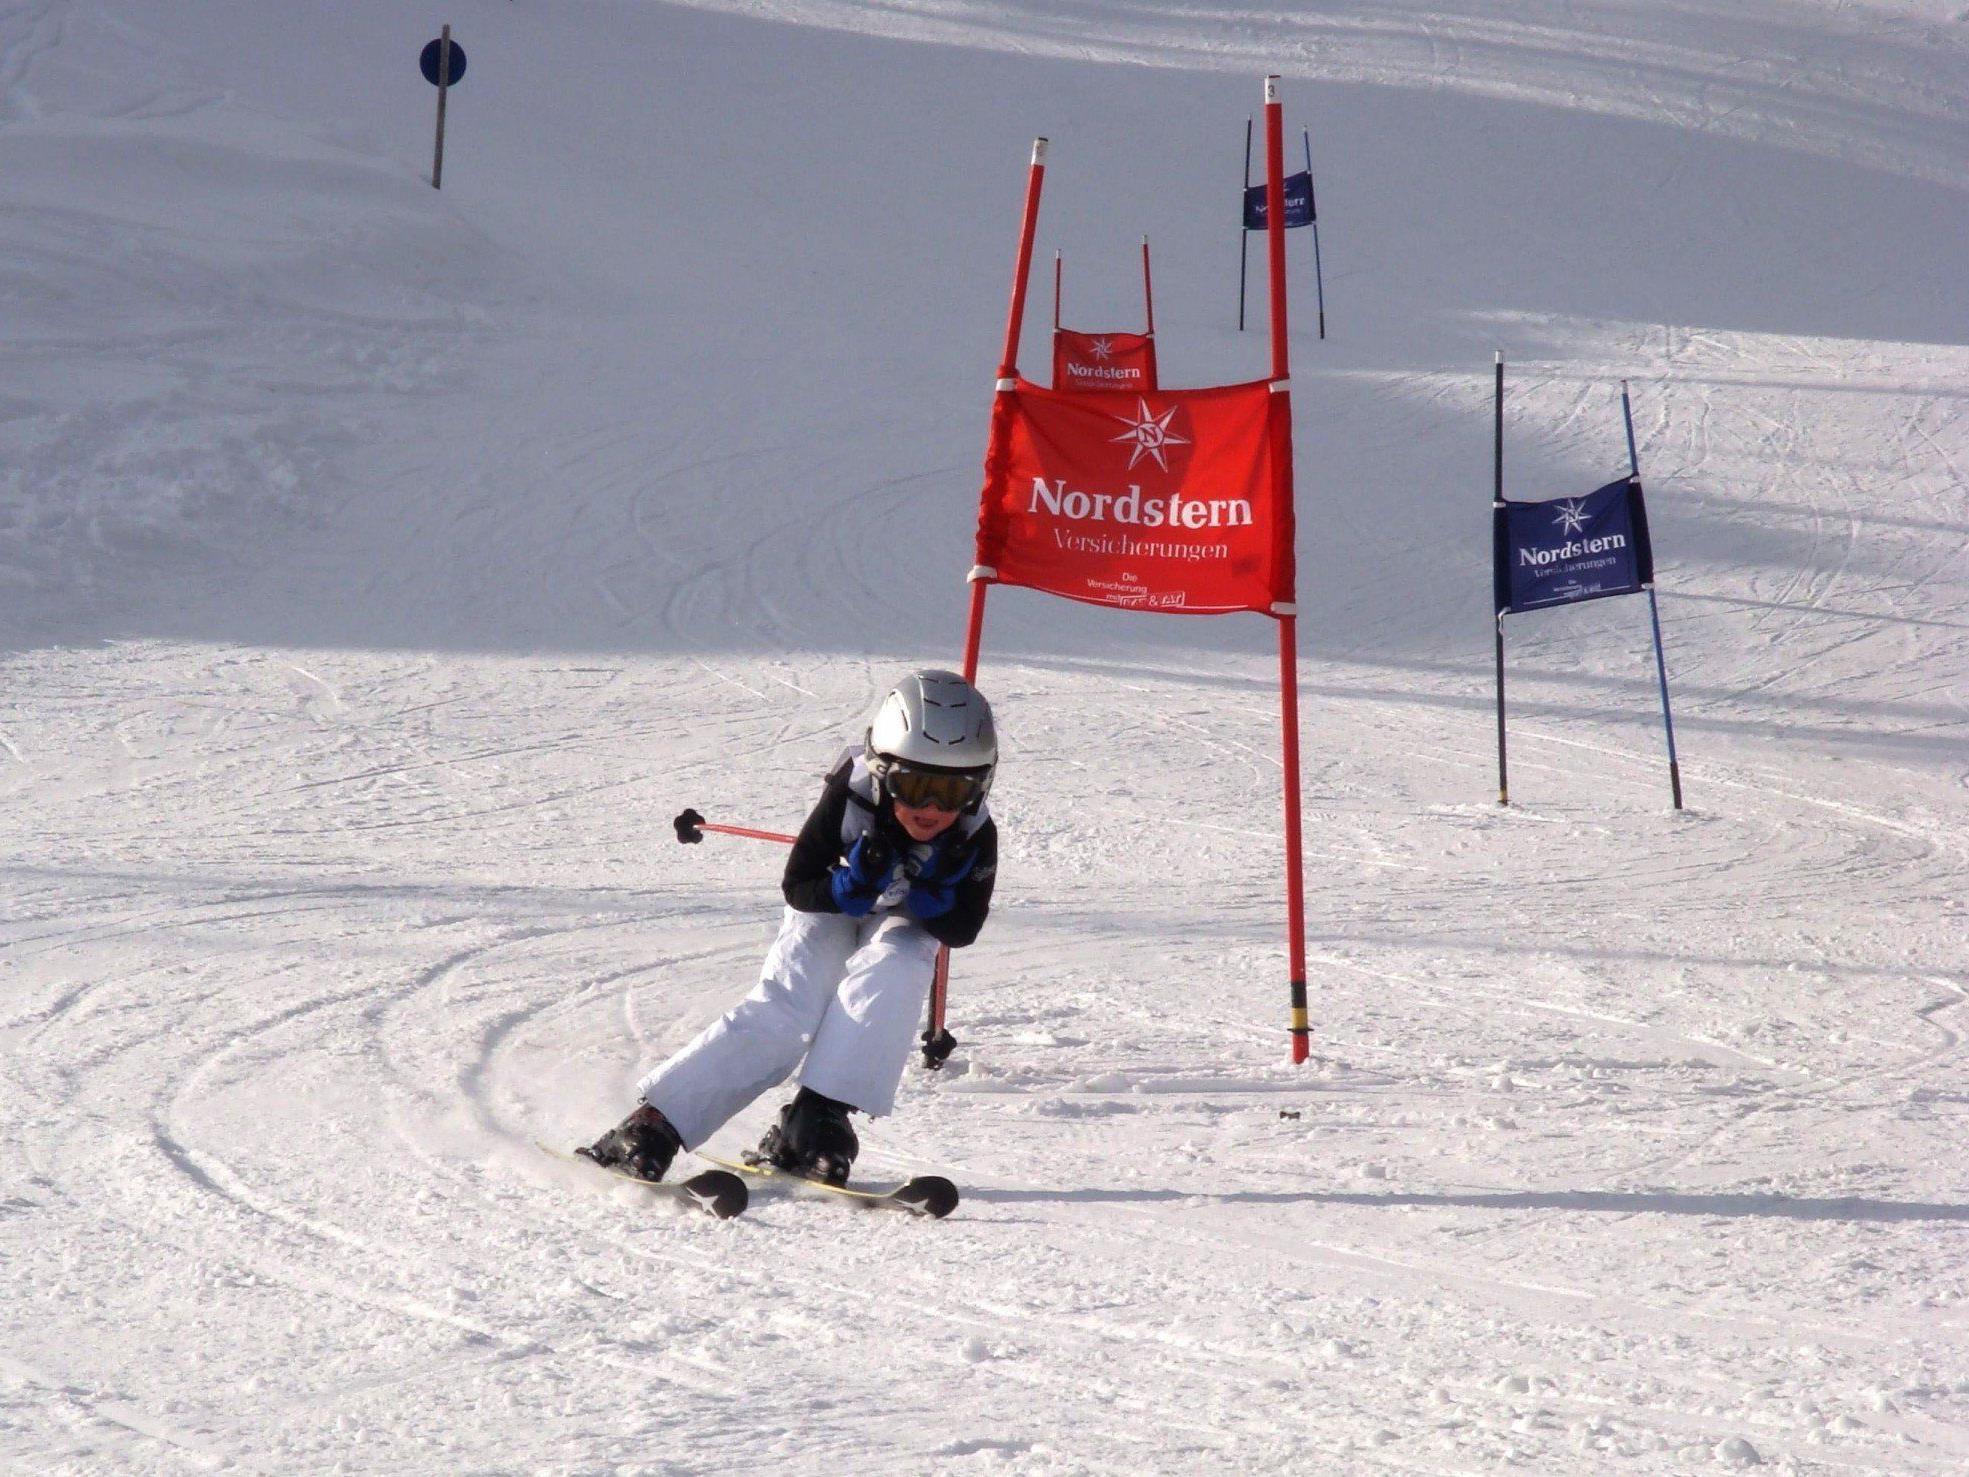 Am 23. Februar soll die Stadtschülermeisterschaft stattfinden.